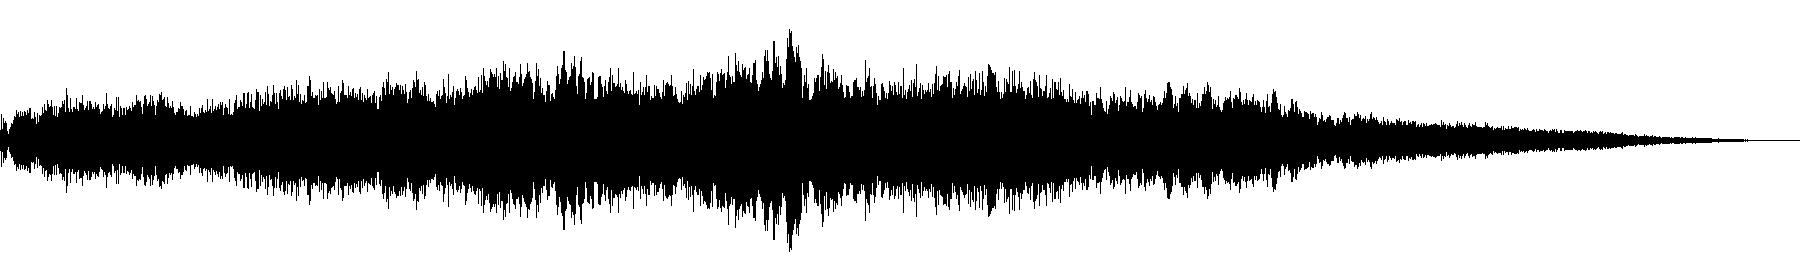 bluezone xworld sound 121